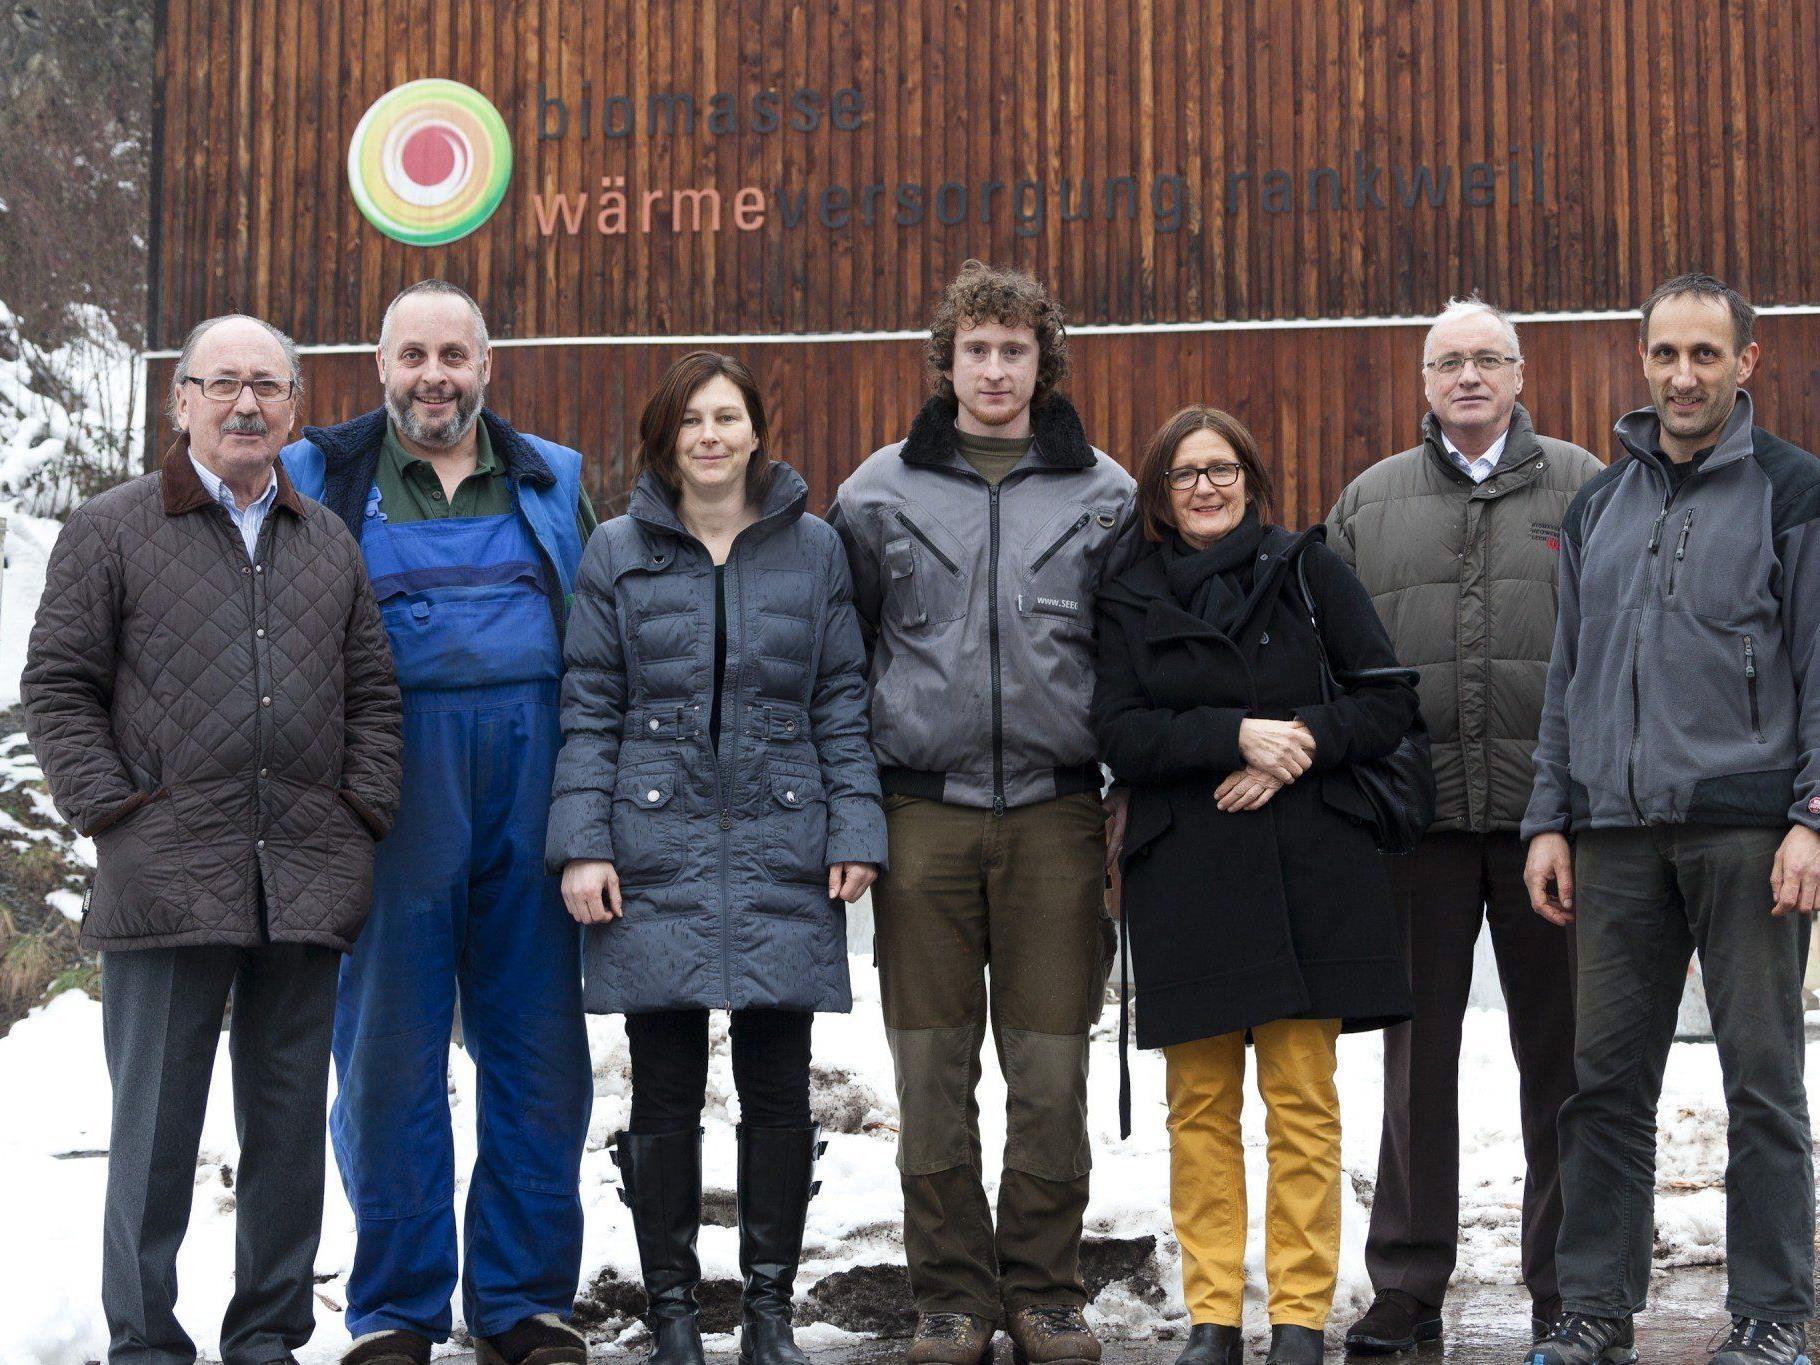 """Das Krisenmanagement-Projektteam (v.l.): Werner Abbrederis (Obmann), Karl Mathis (Fa. """"Ihr Installateur""""), Silvia Gantner (Arbeitsgruppenleitung), Arthur Heel (stv. Betriebsleiter), Heidi Vedder (Sekretärin), Reinhard Mathis (GF Biomasse Heizwerk Lech) und Bernhard Nöckl (GF Biomasse Heizwerk Rankweil)."""